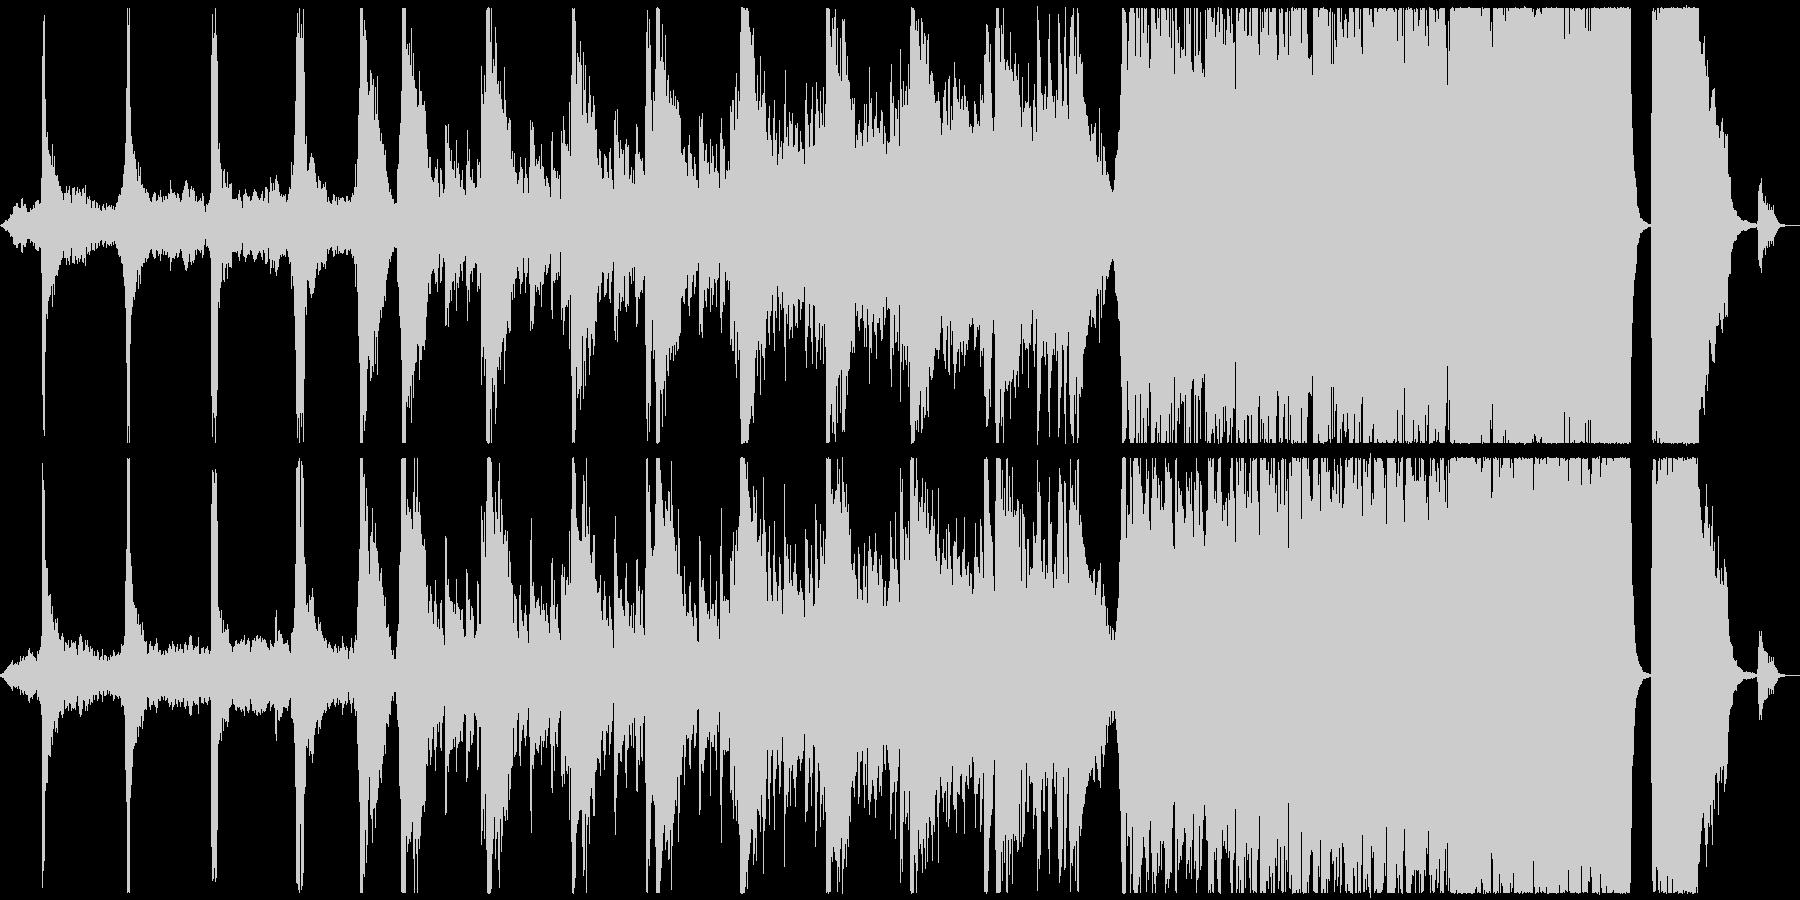 電気音響シンフォニー 劇的な 神経...の未再生の波形